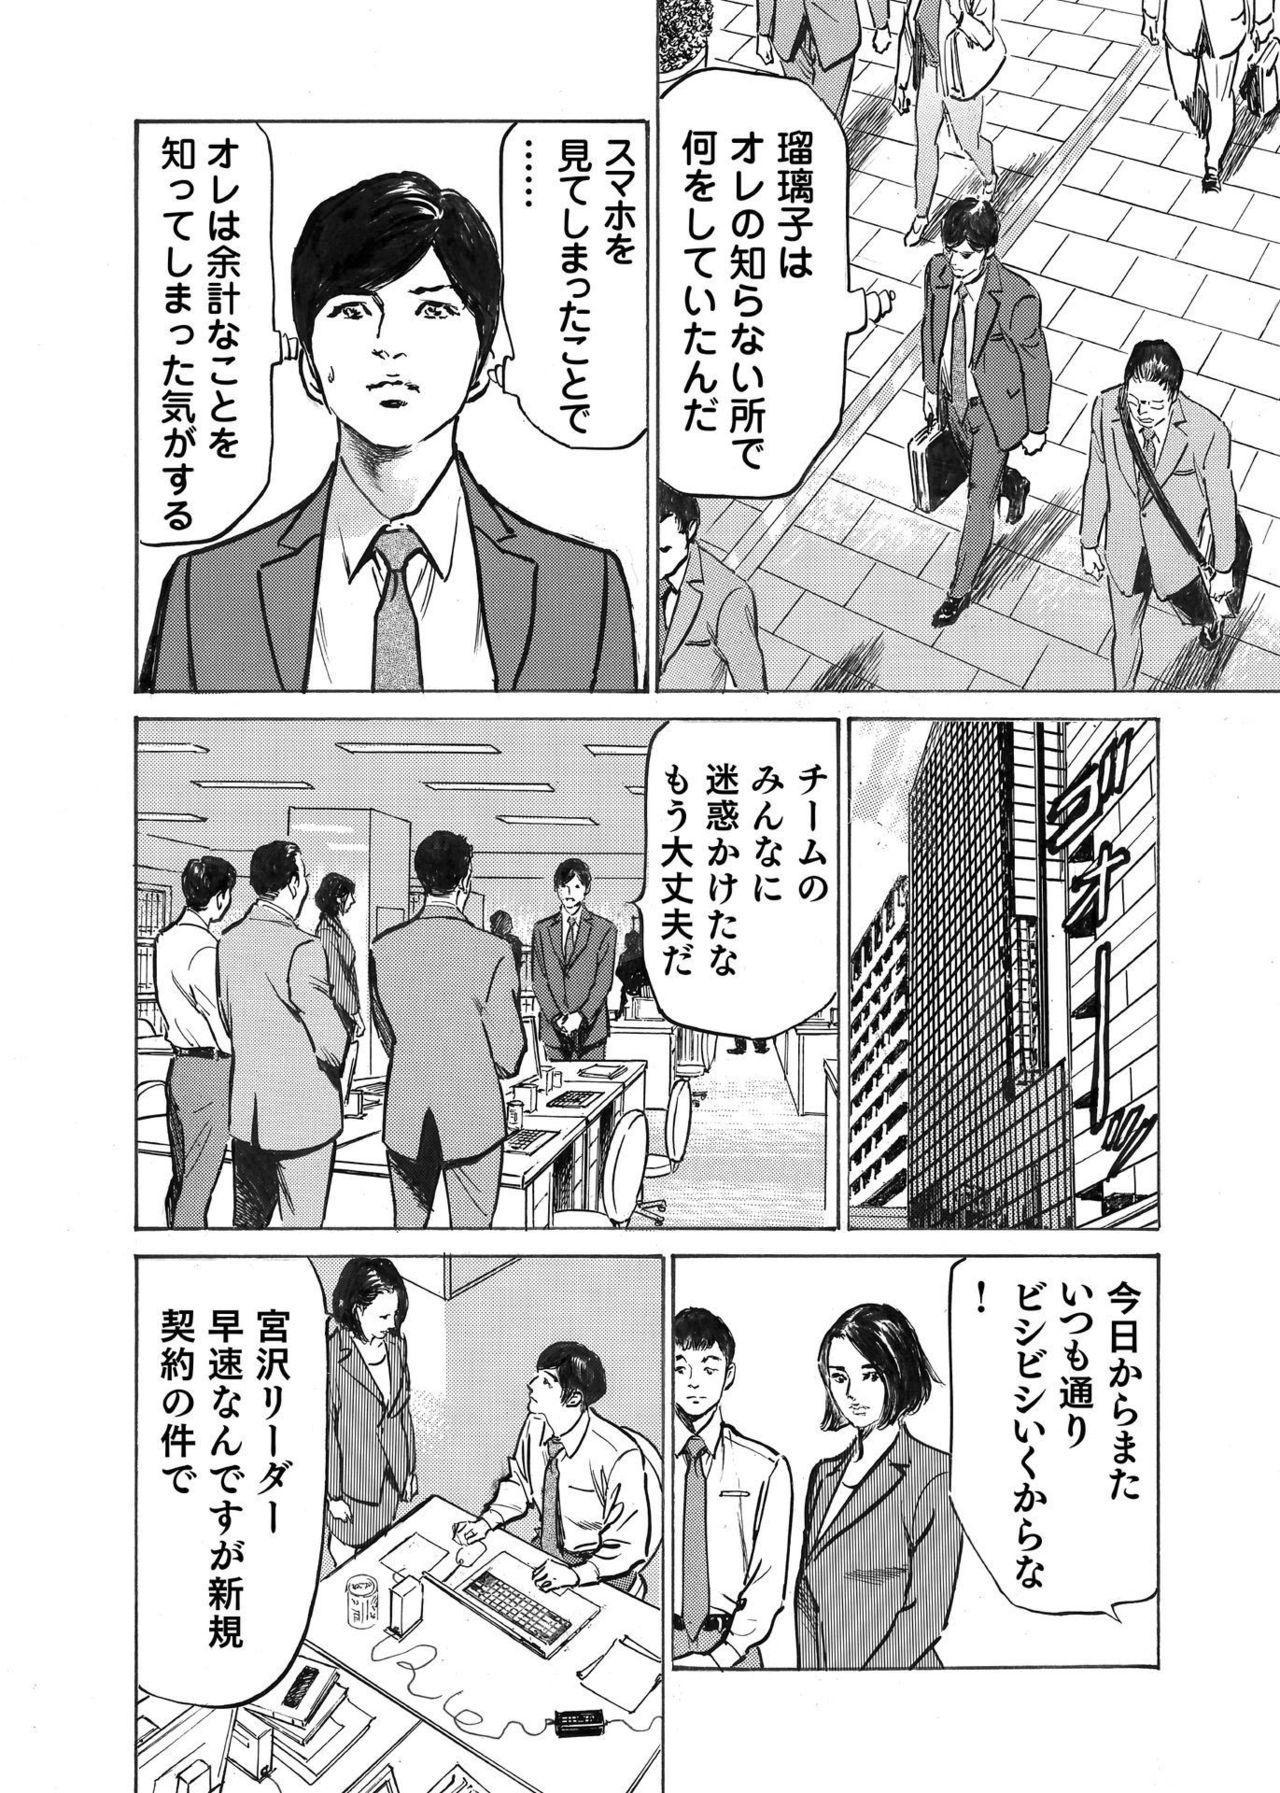 Ore wa Tsuma no Koto o Yoku Shiranai 1-9 90